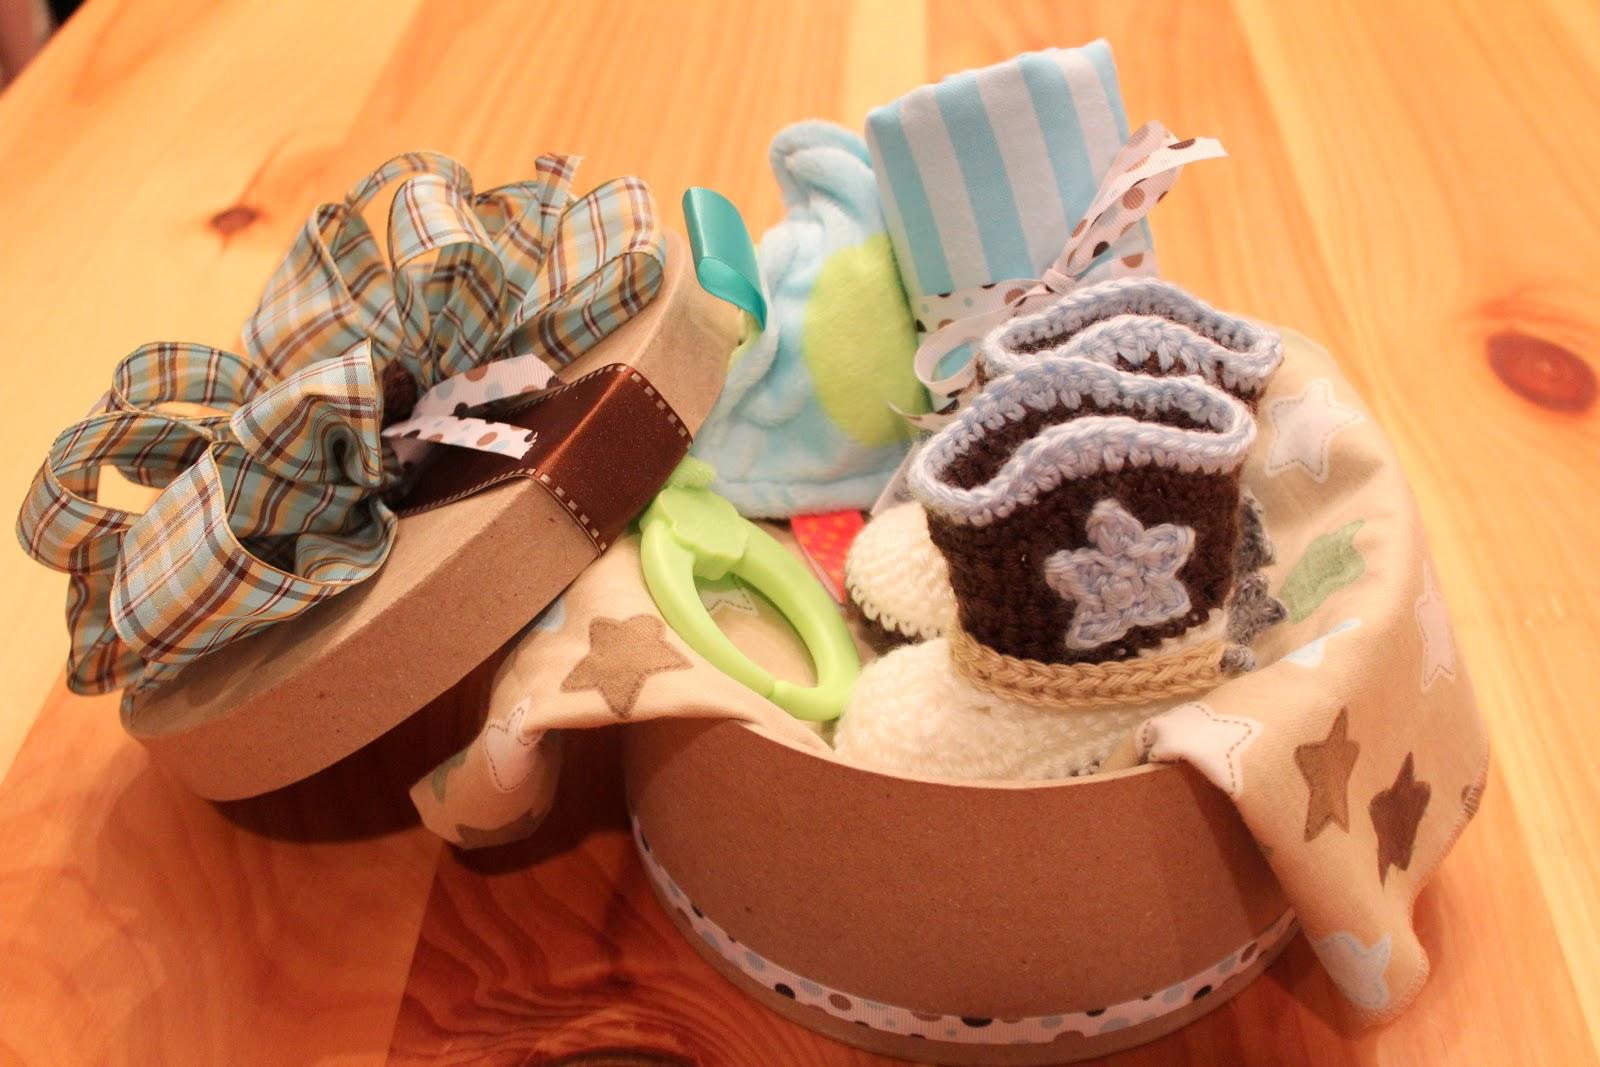 Happy Crochet Berry: Cómo Crochet Cowboy Baby Boots - Hilado de chatarra Viernes